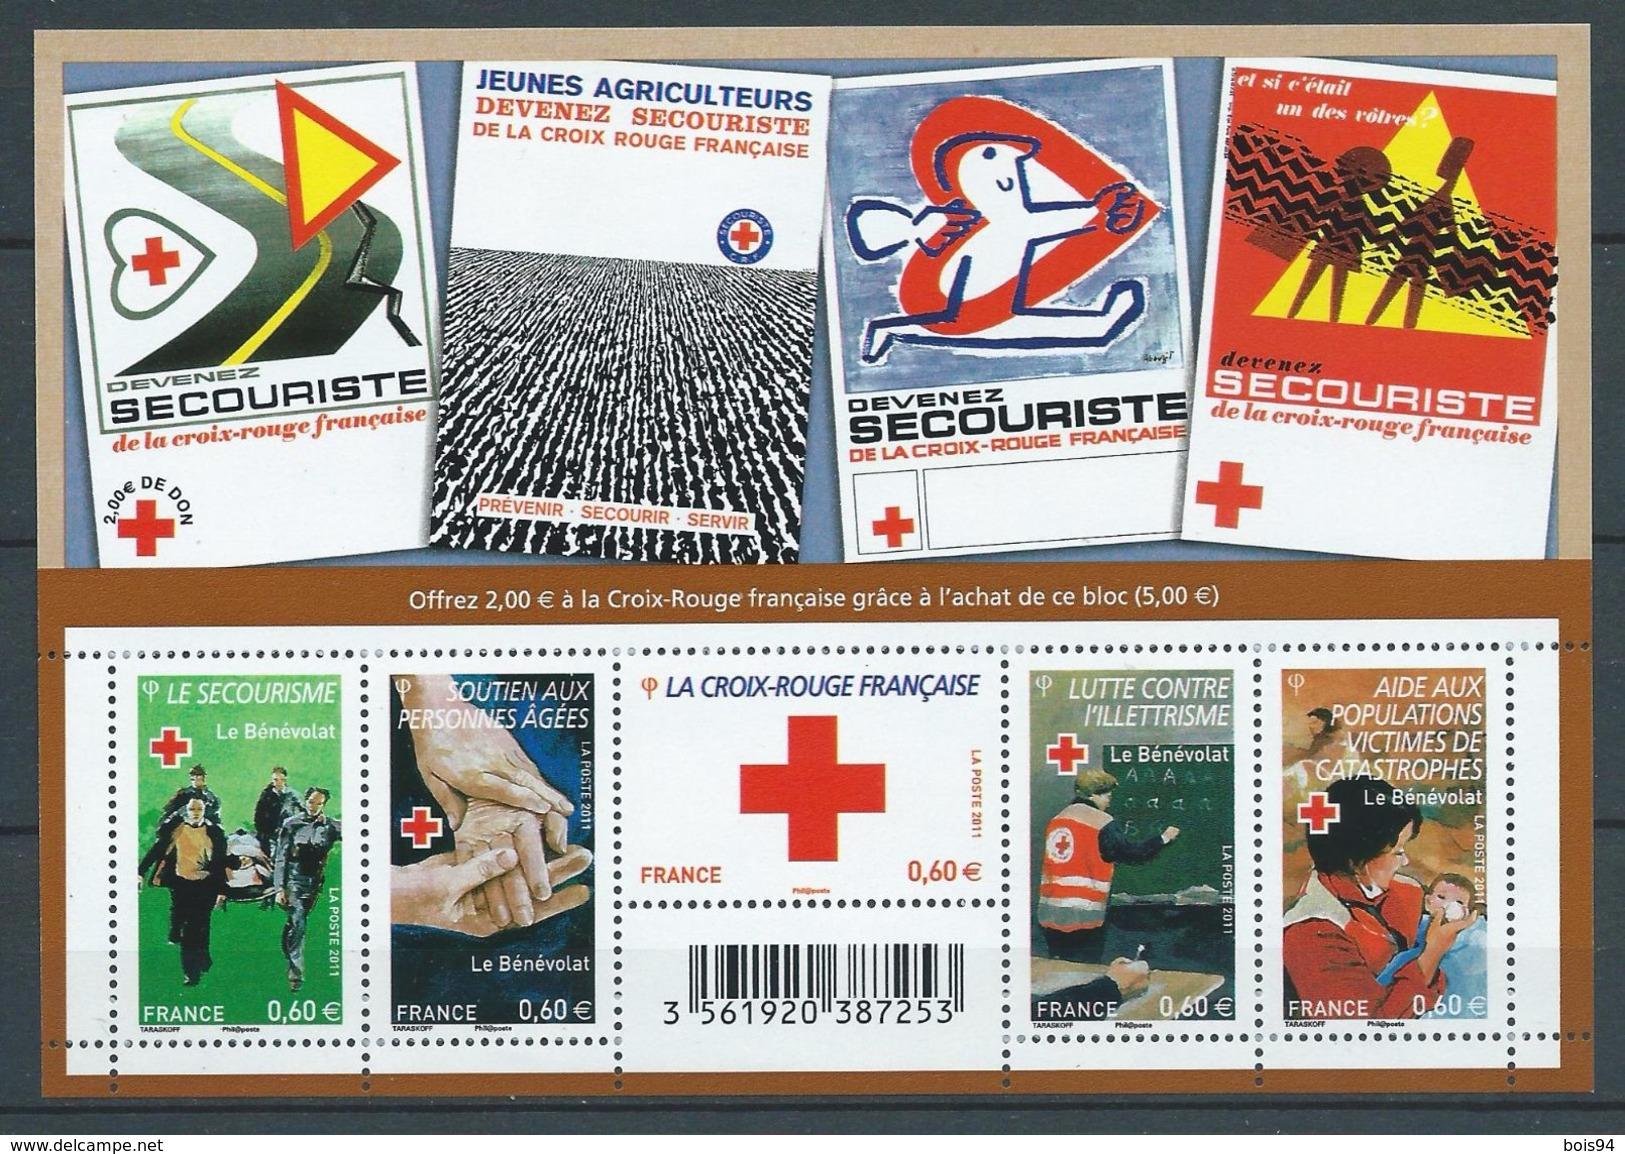 FRANCE 2011 . Feuillet N° F4621 . Neuf **  (MNH) - Blocs & Feuillets